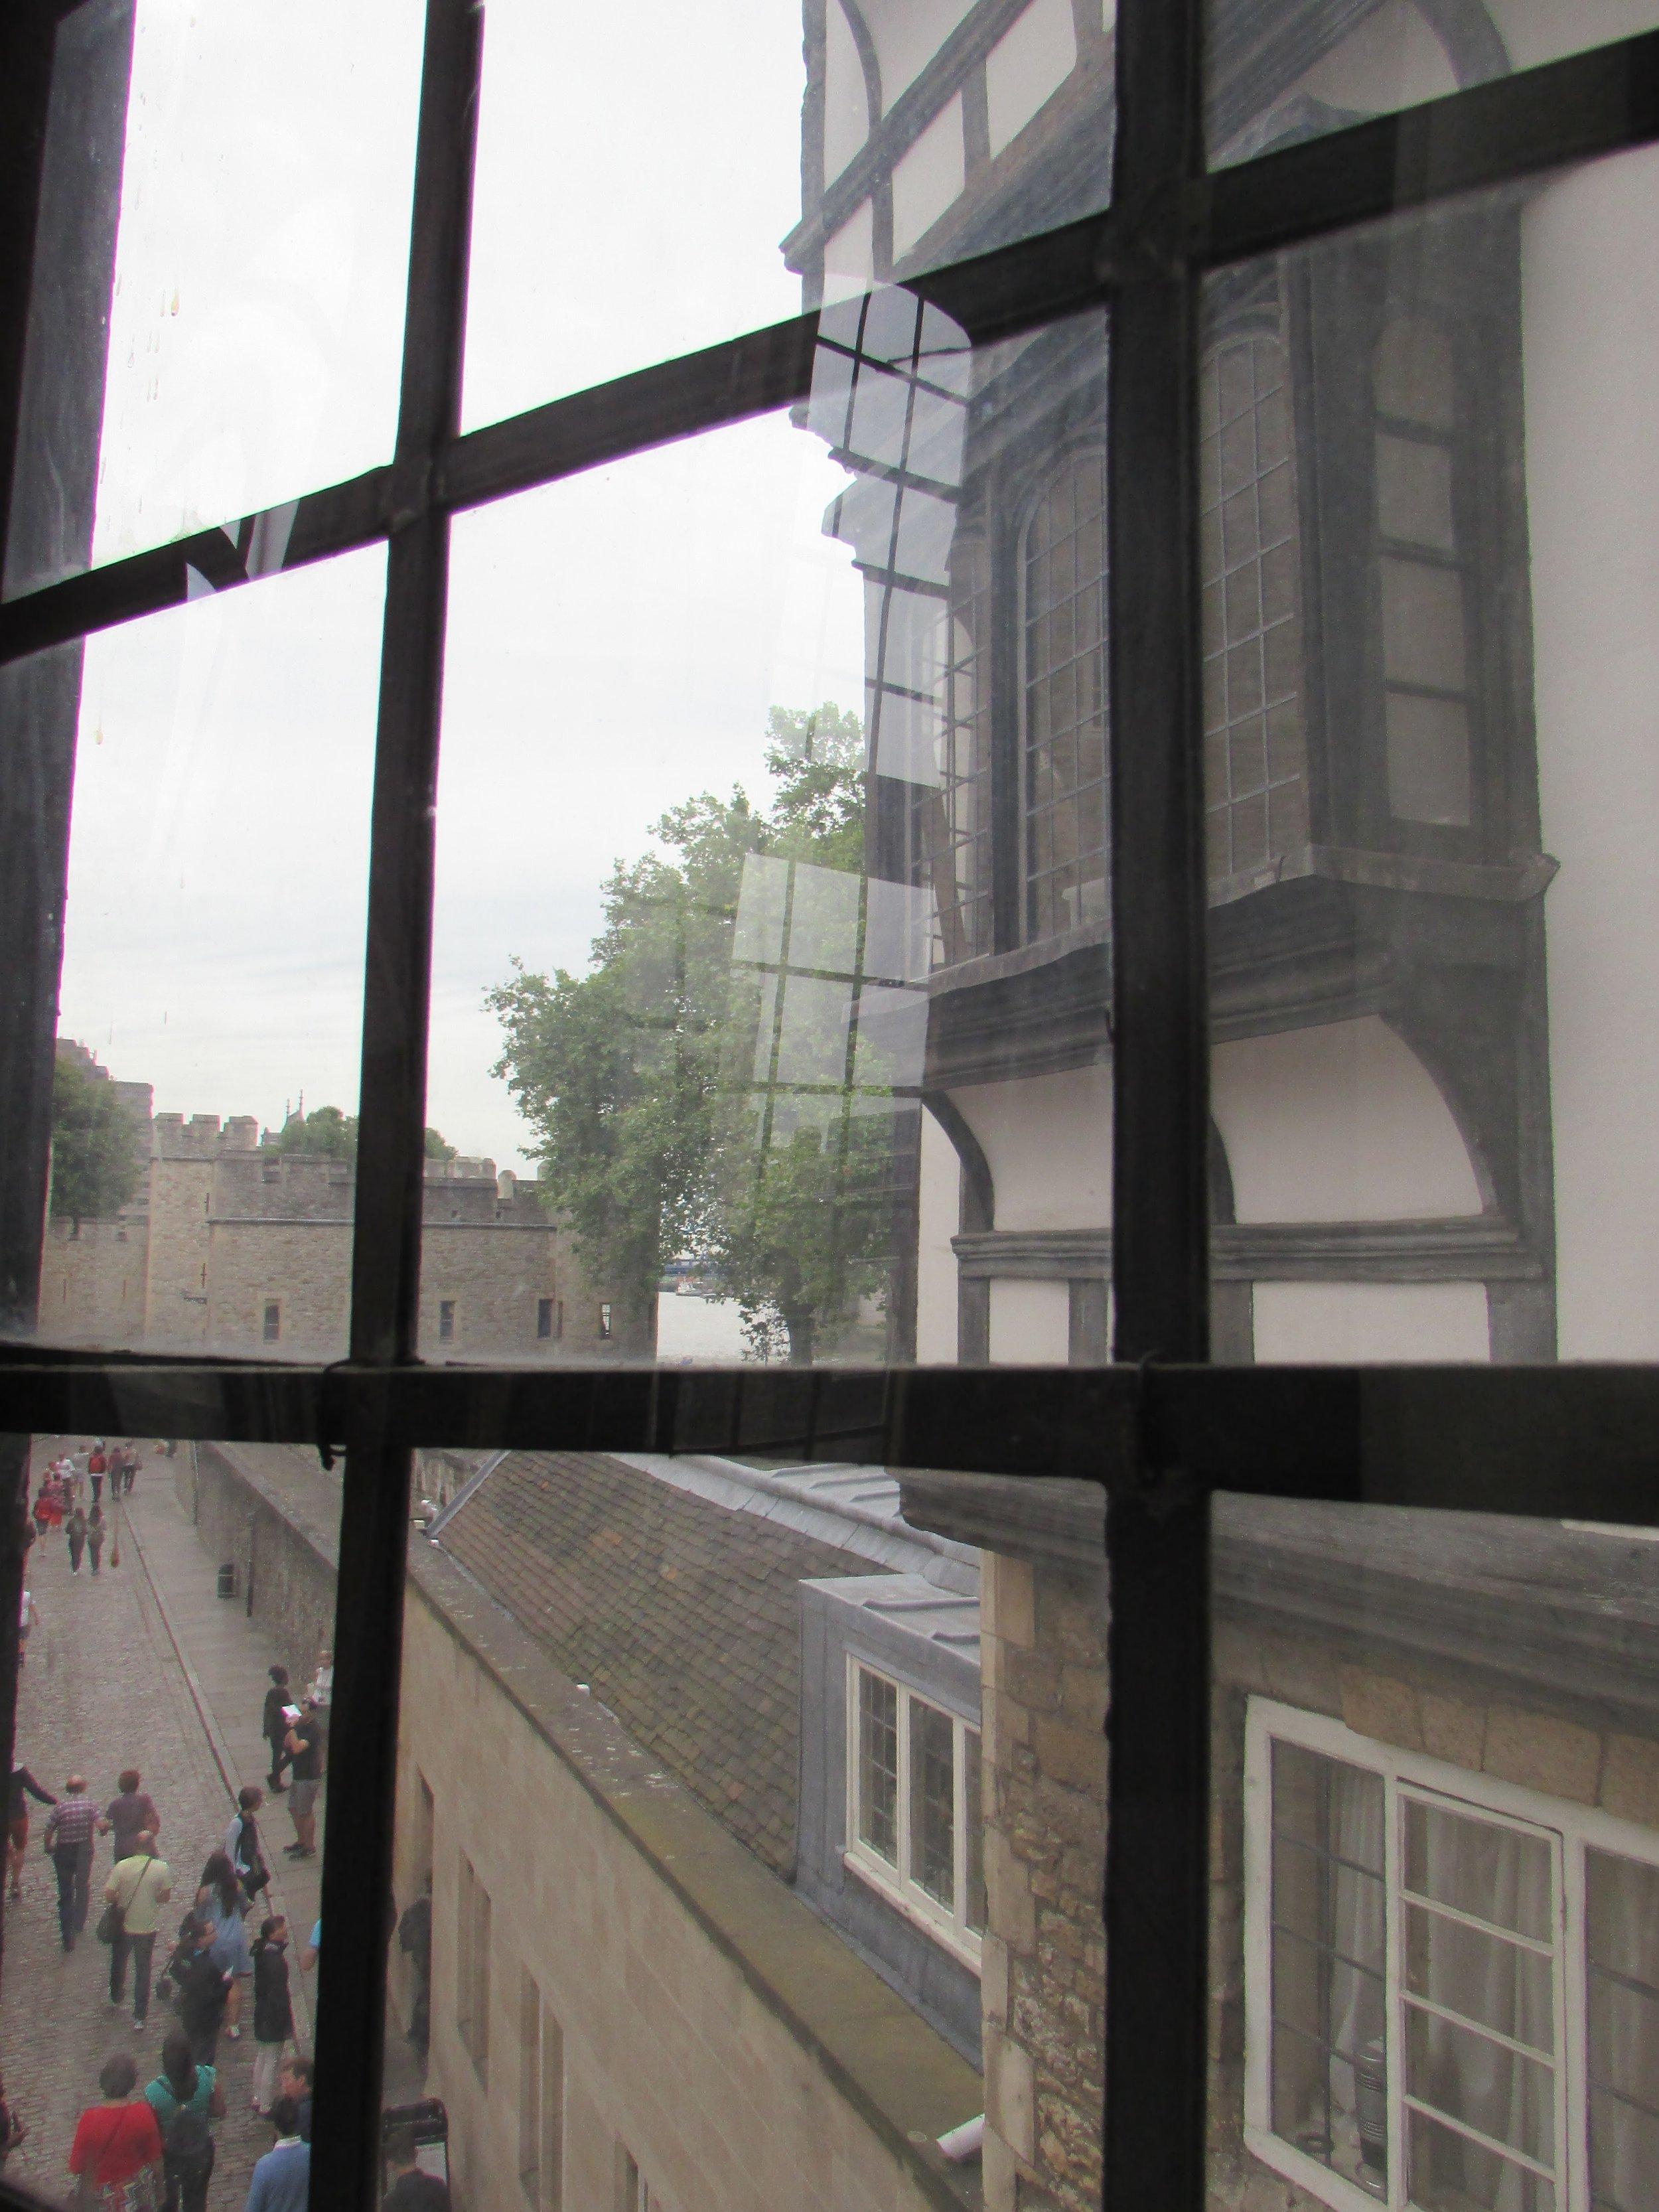 Tower of London 2.jpg